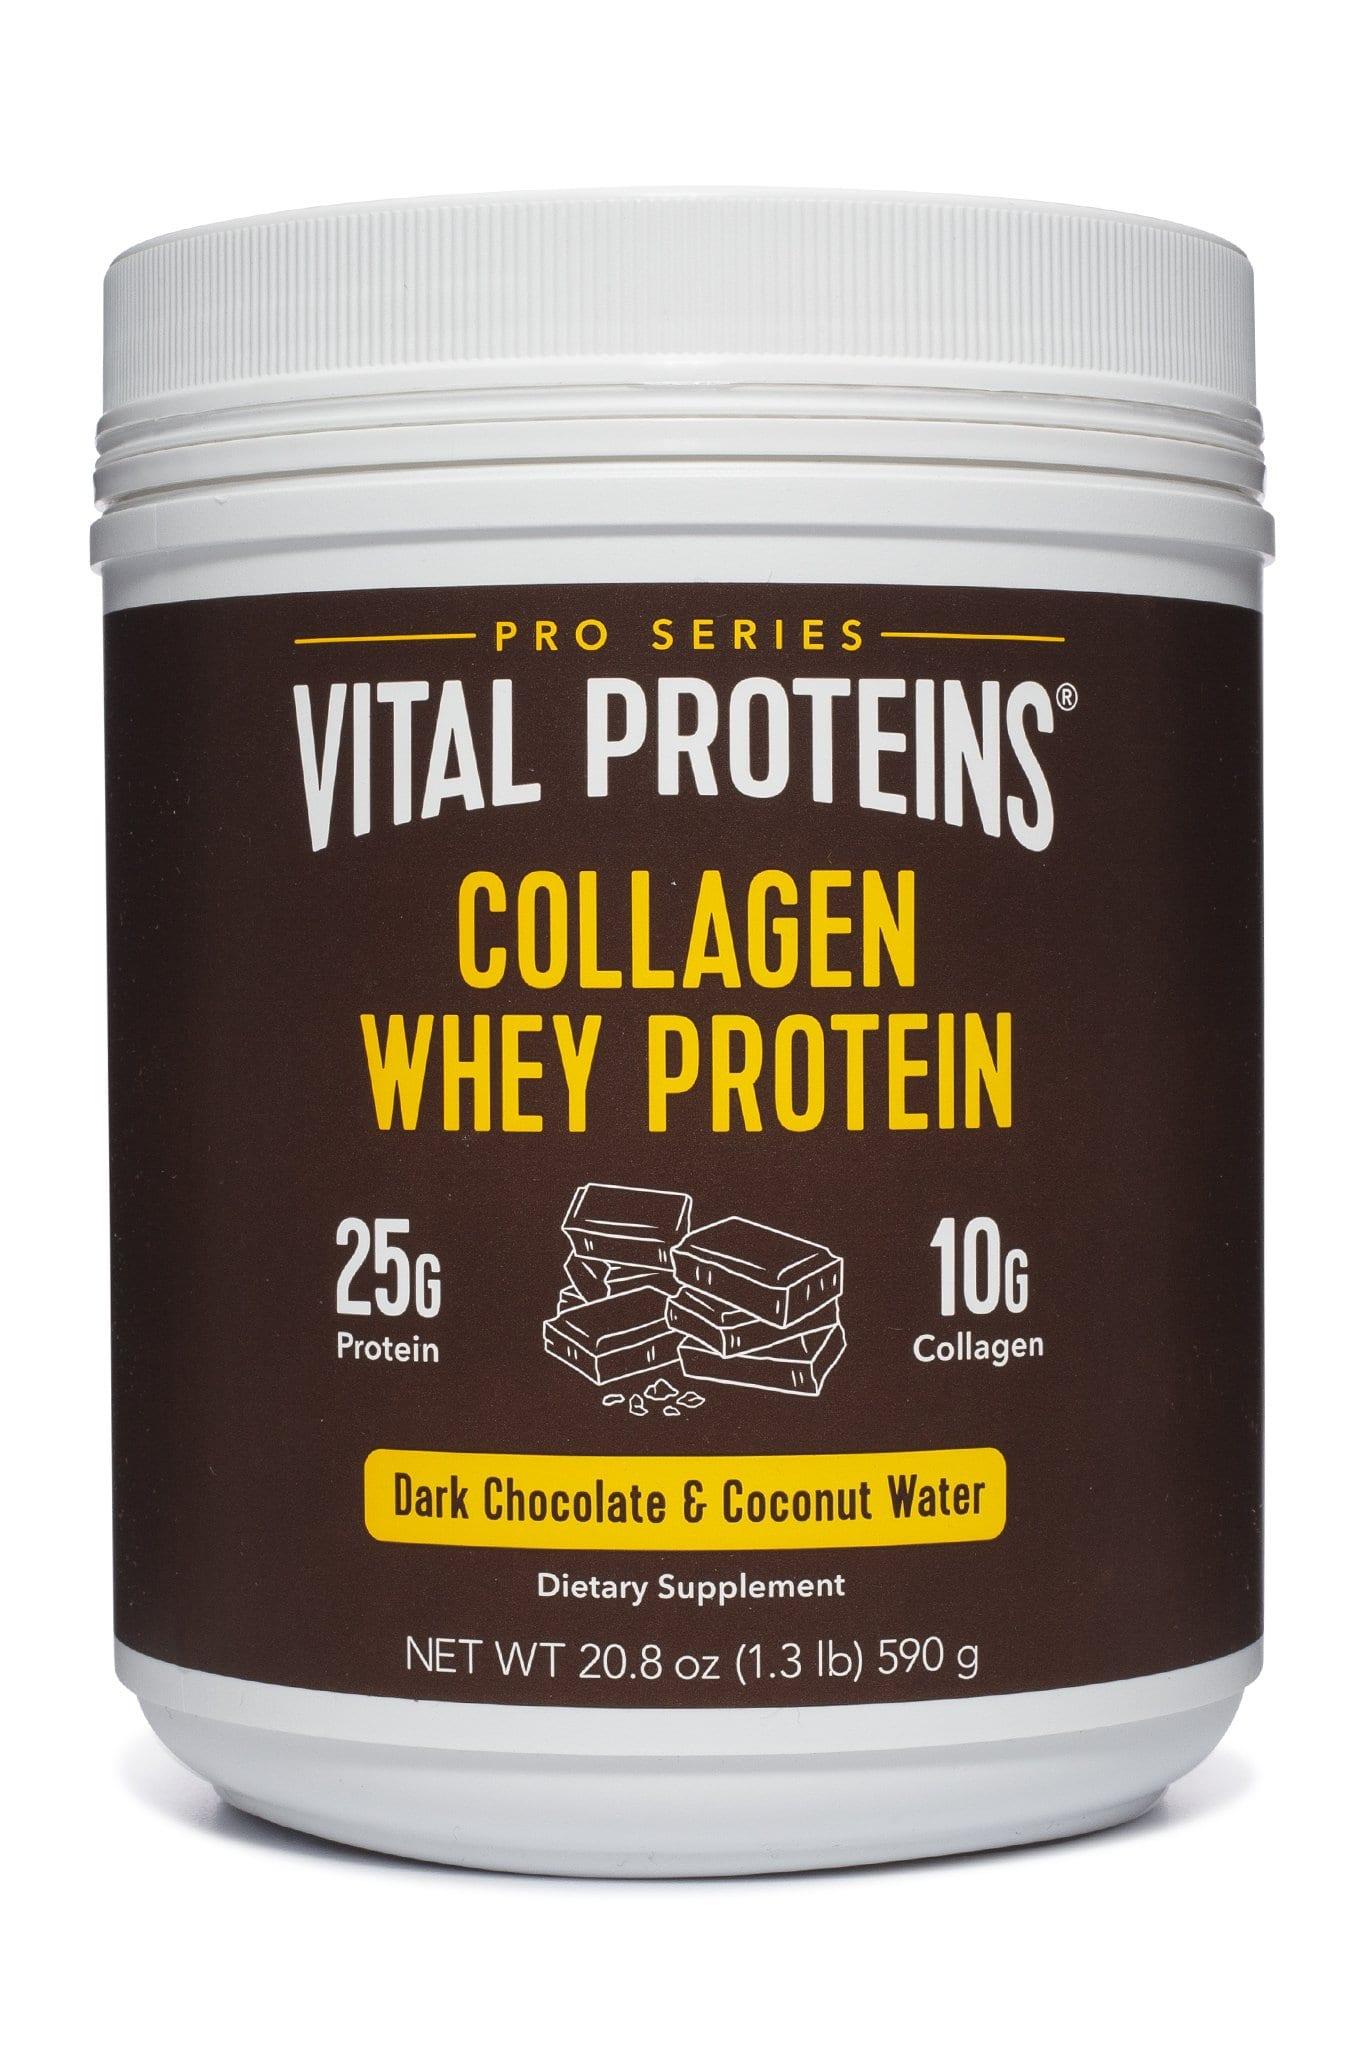 Dark Chocolate Collagen Whey Protein